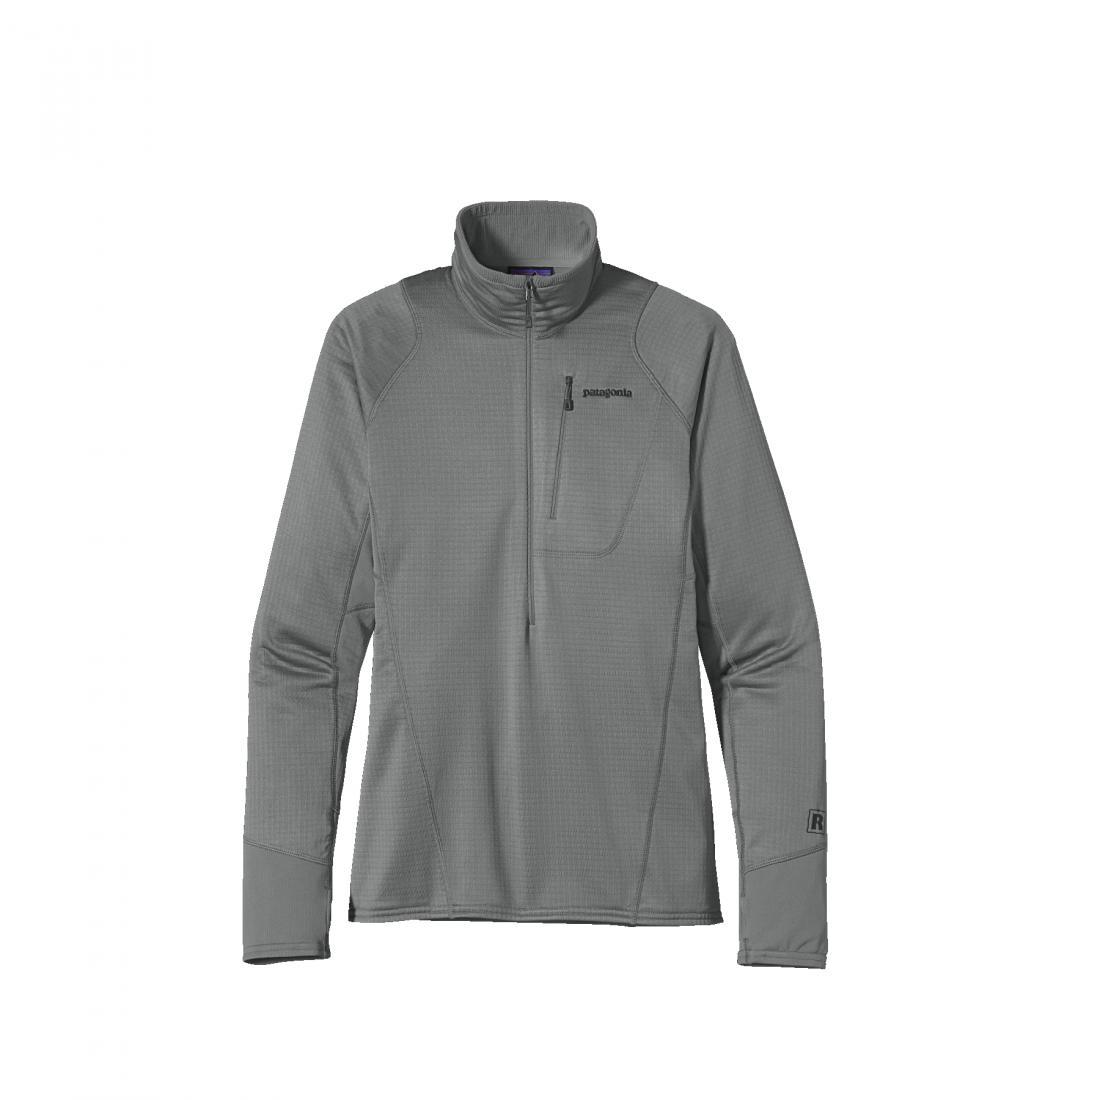 Куртка 40108 MS R1 P/OКуртки<br><br><br>Цвет: Темно-серый<br>Размер: M